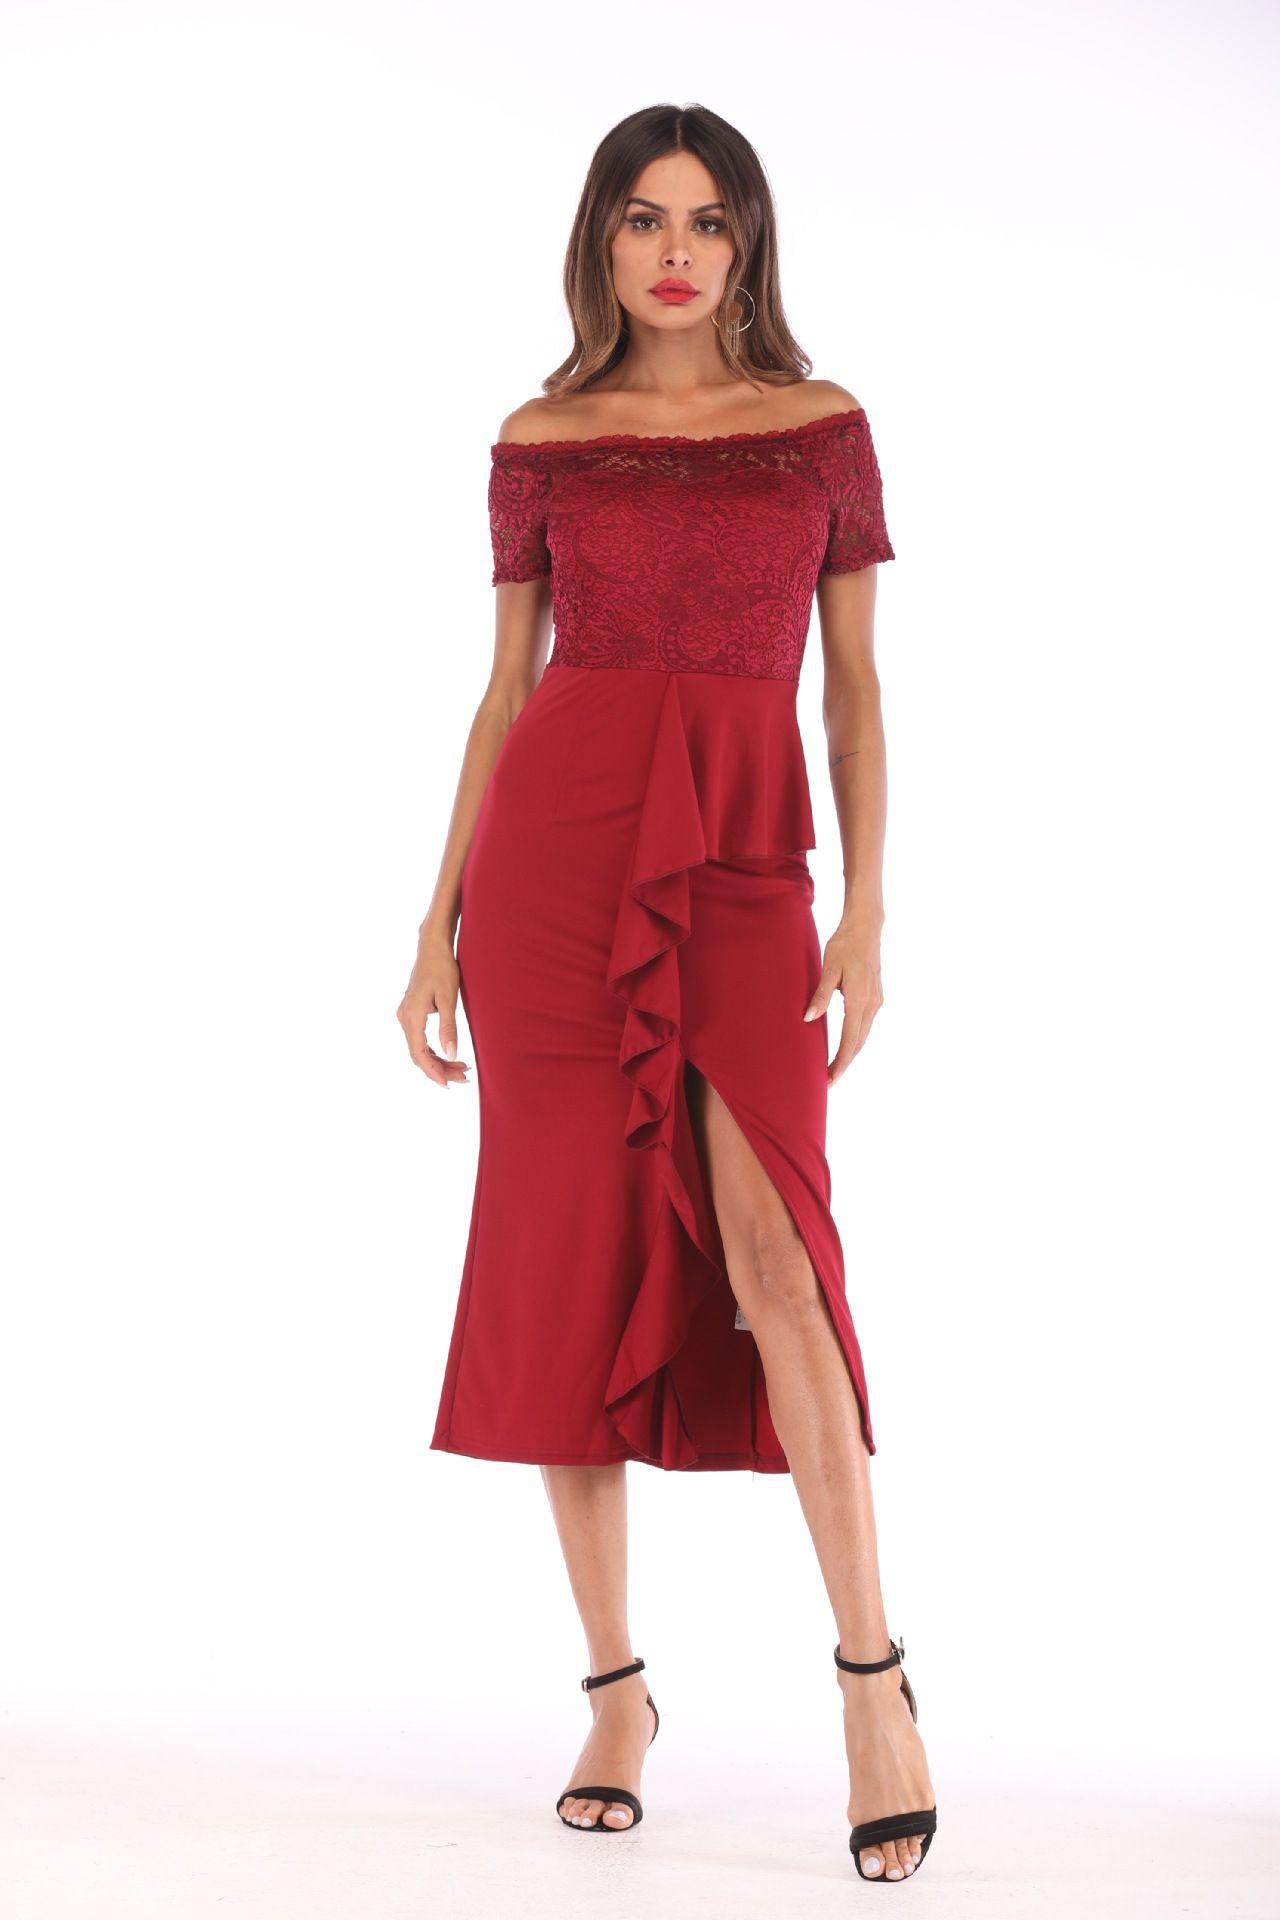 438e20e521e5 Acquista Vestito Sexy Da Donna Con Piega In Jersey Di Pizzo E Vestito Da  Cerimonia A  40.21 Dal Sanfhy